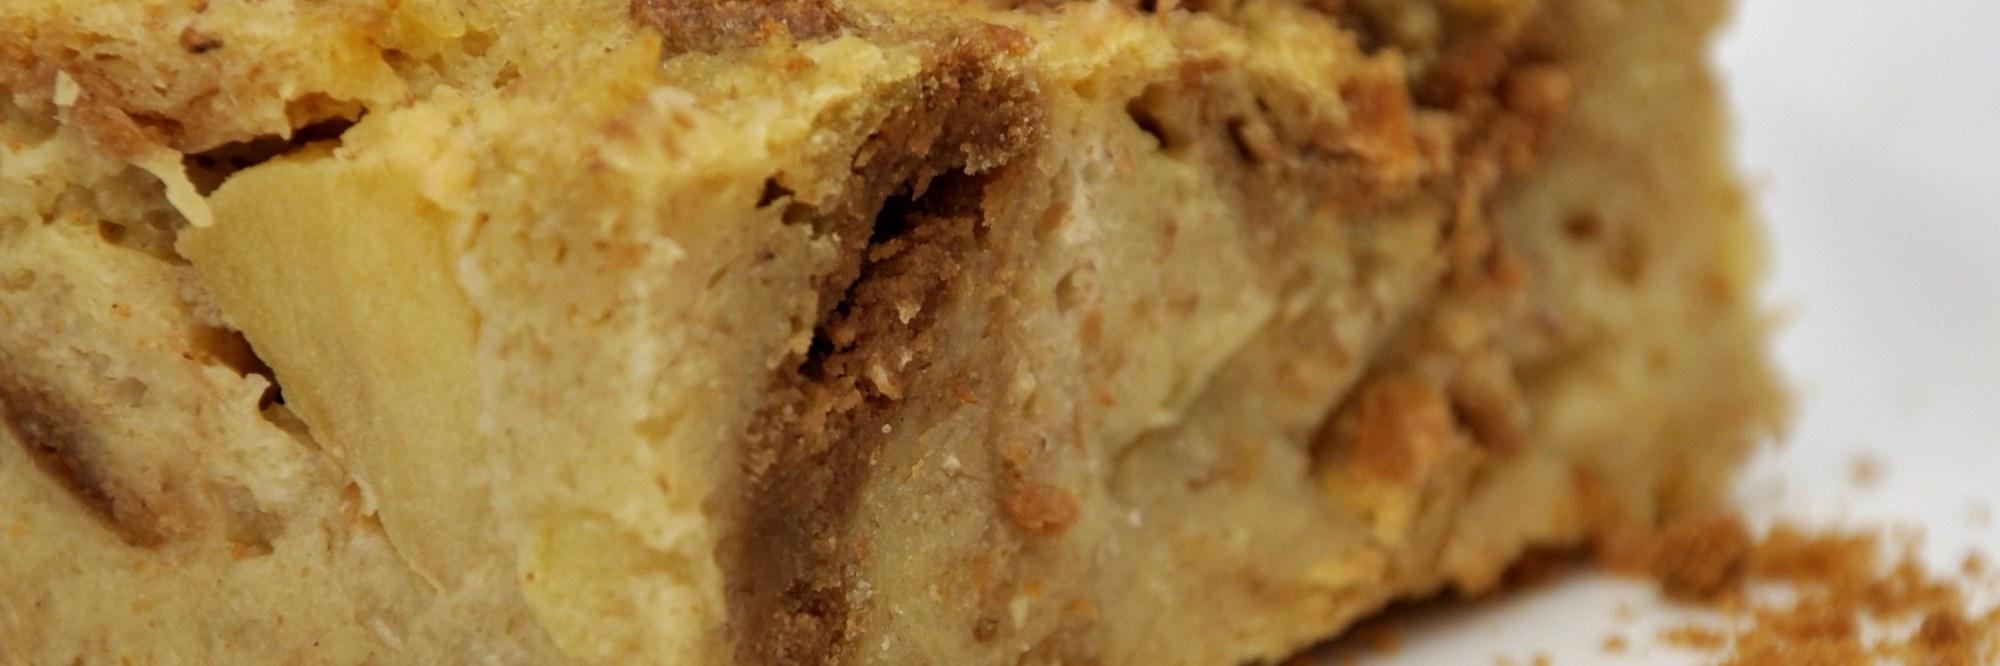 Pudding au pain à la pomme et au spéculoos